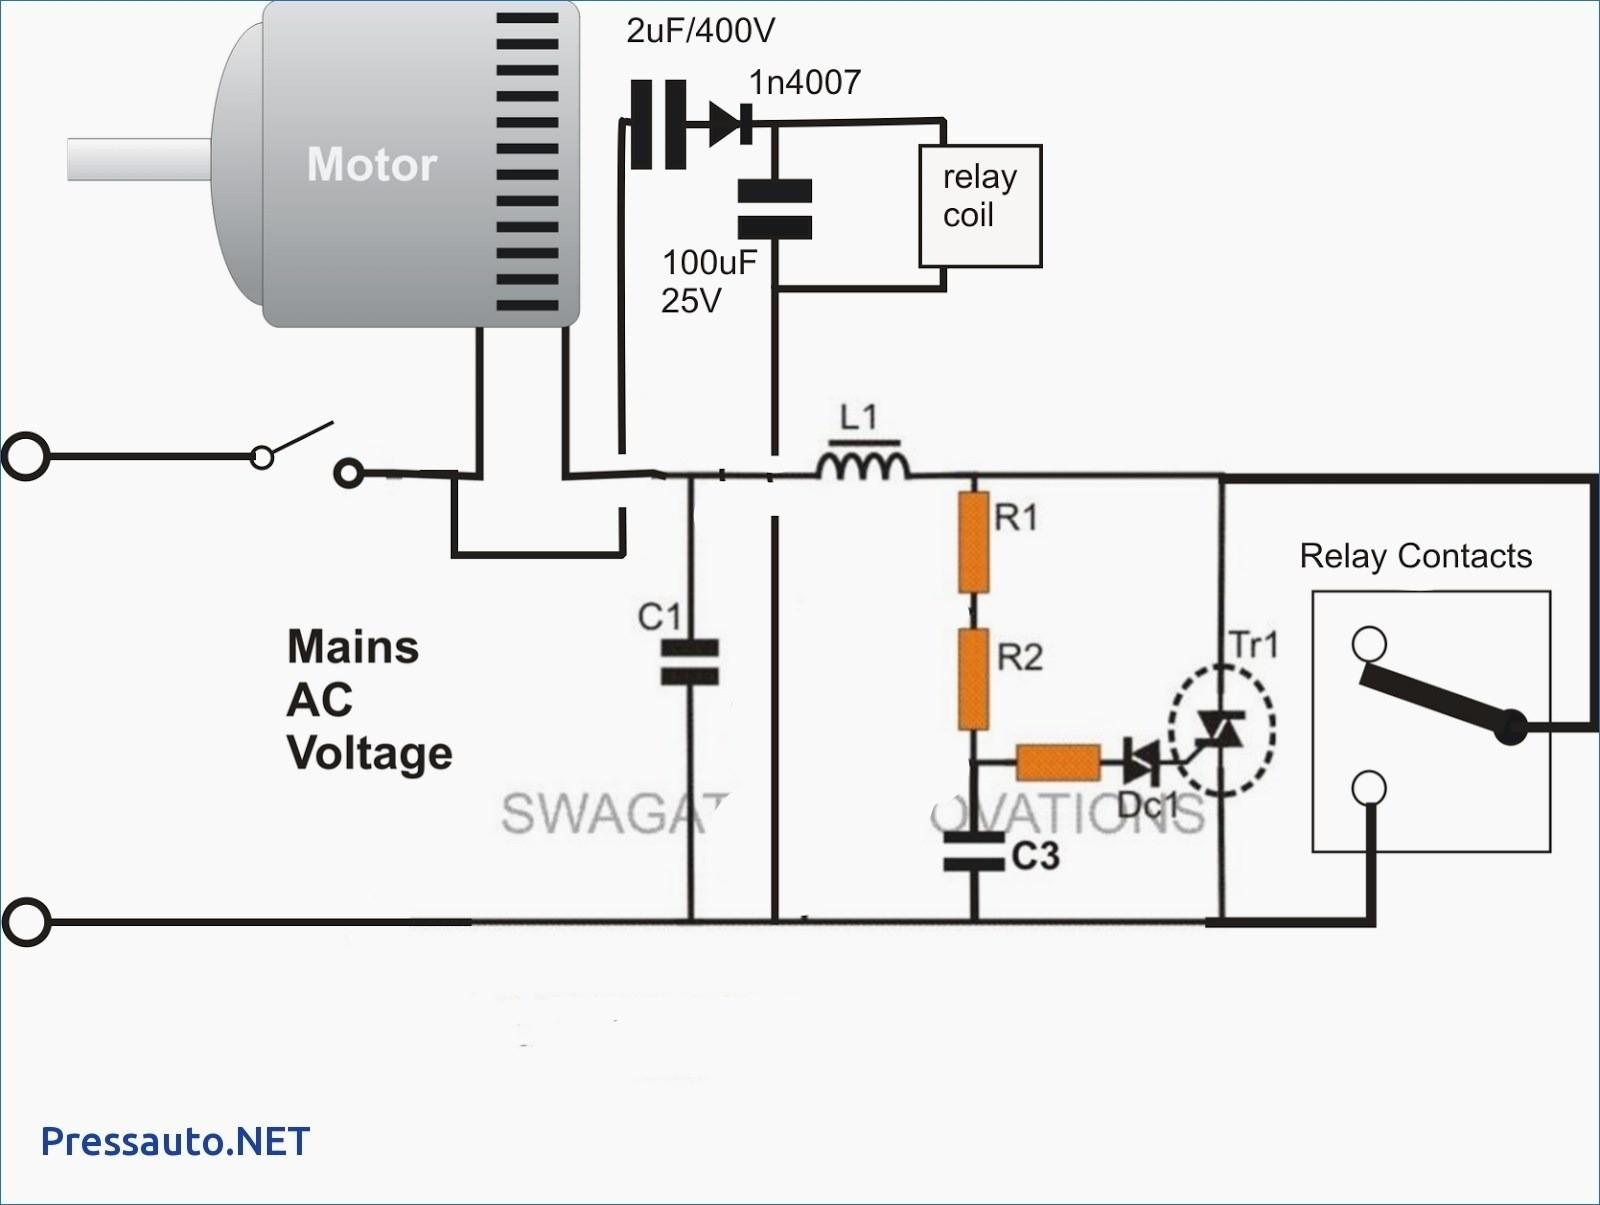 Nema Size 1 Starter Wiring Diagram | Free Wiring Diagram Nema Motor Starters Wiring Diagram on bell starter wiring diagram, mercury starter wiring diagram, falcon starter wiring diagram, delta starter wiring diagram, api starter wiring diagram,